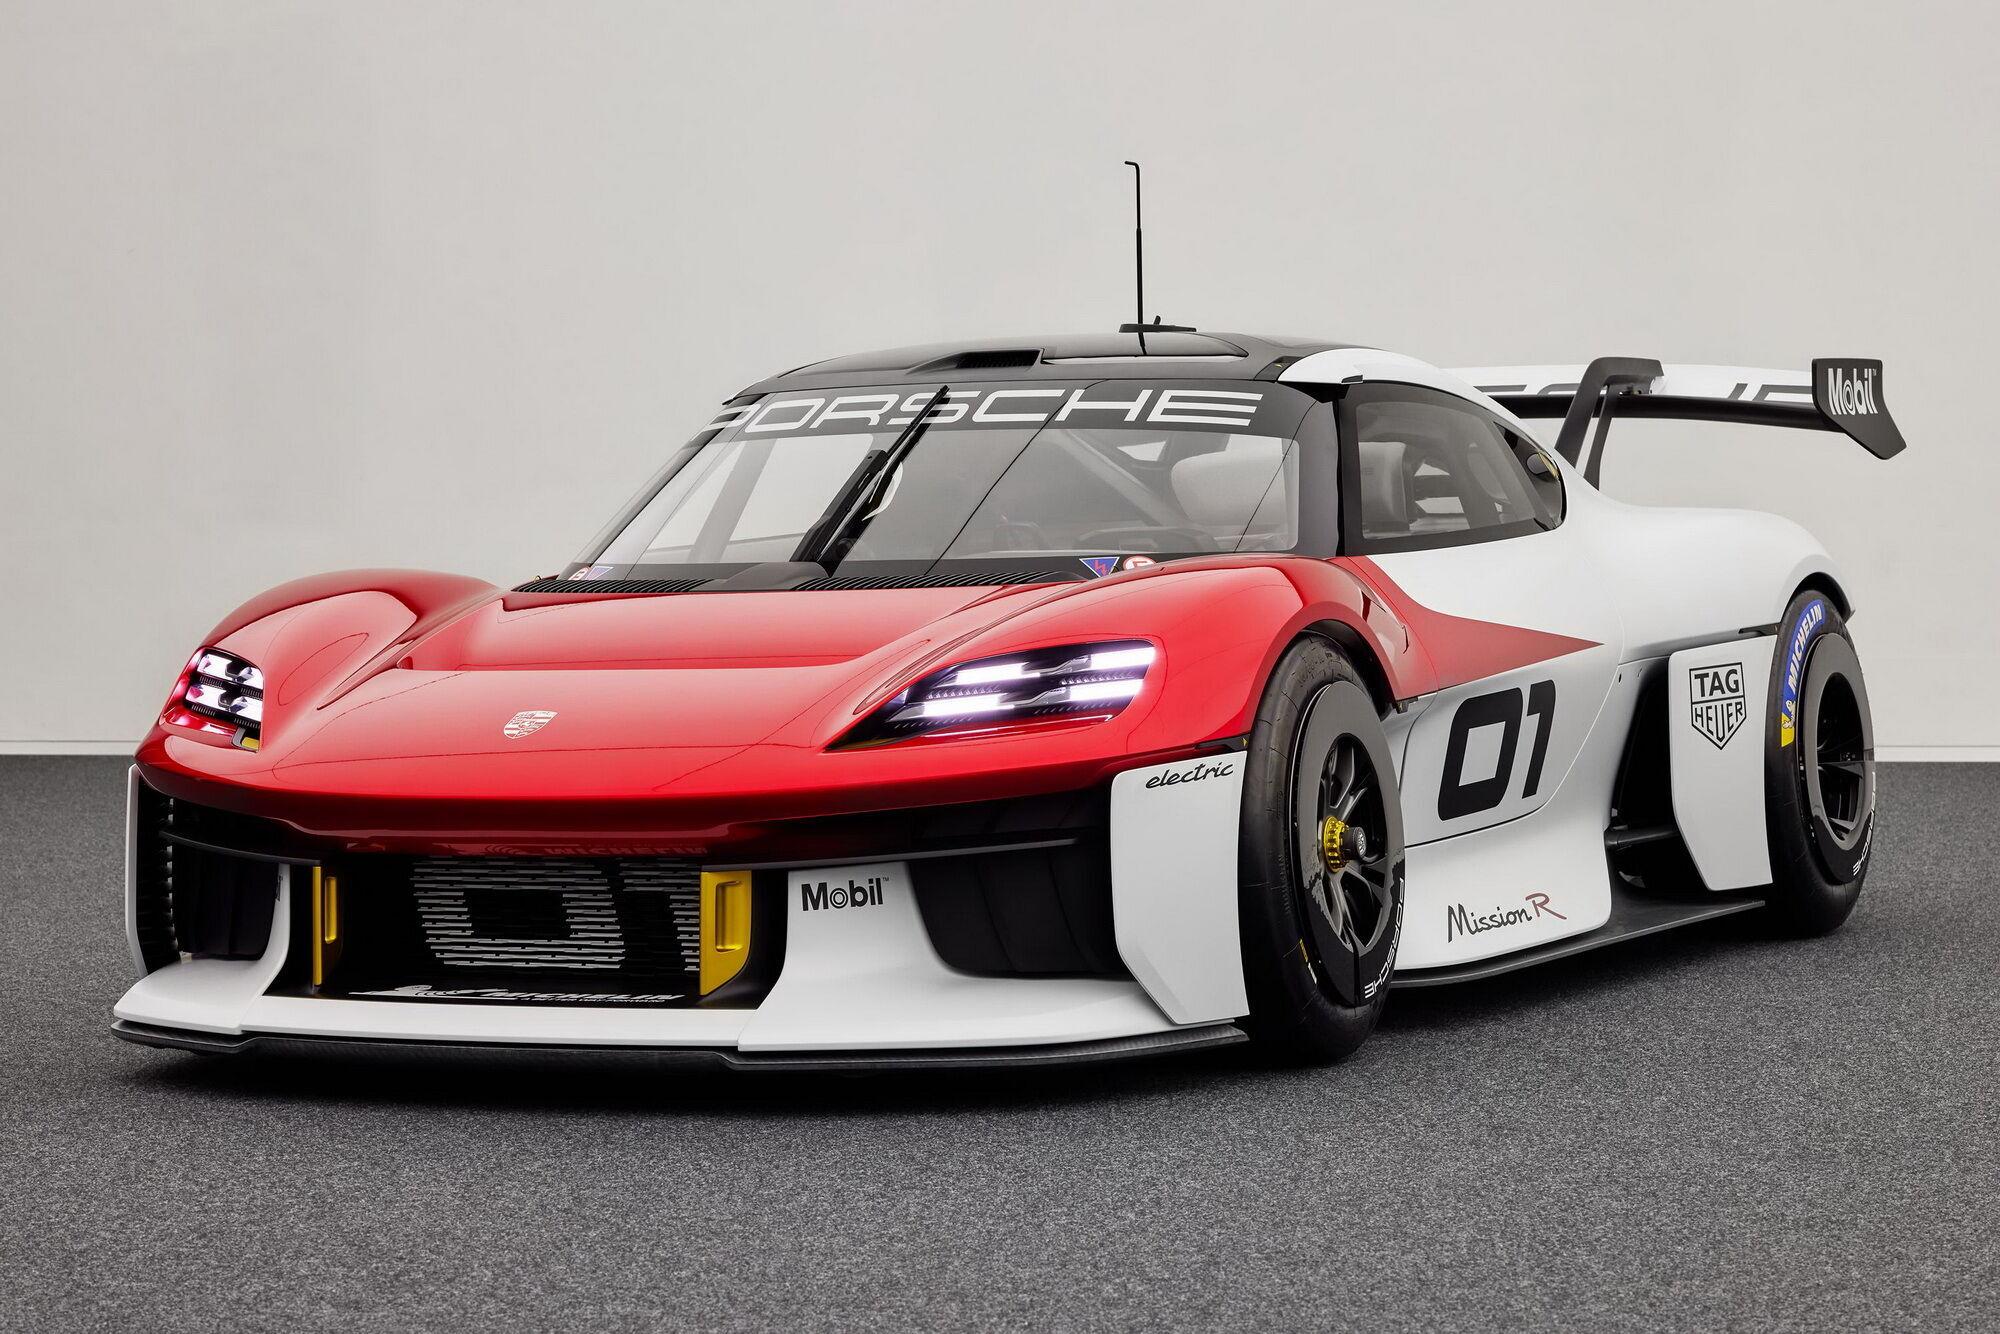 Автомобиль получил два совершенно новых электромотора, суммарная мощность которых достигает 800 кВт